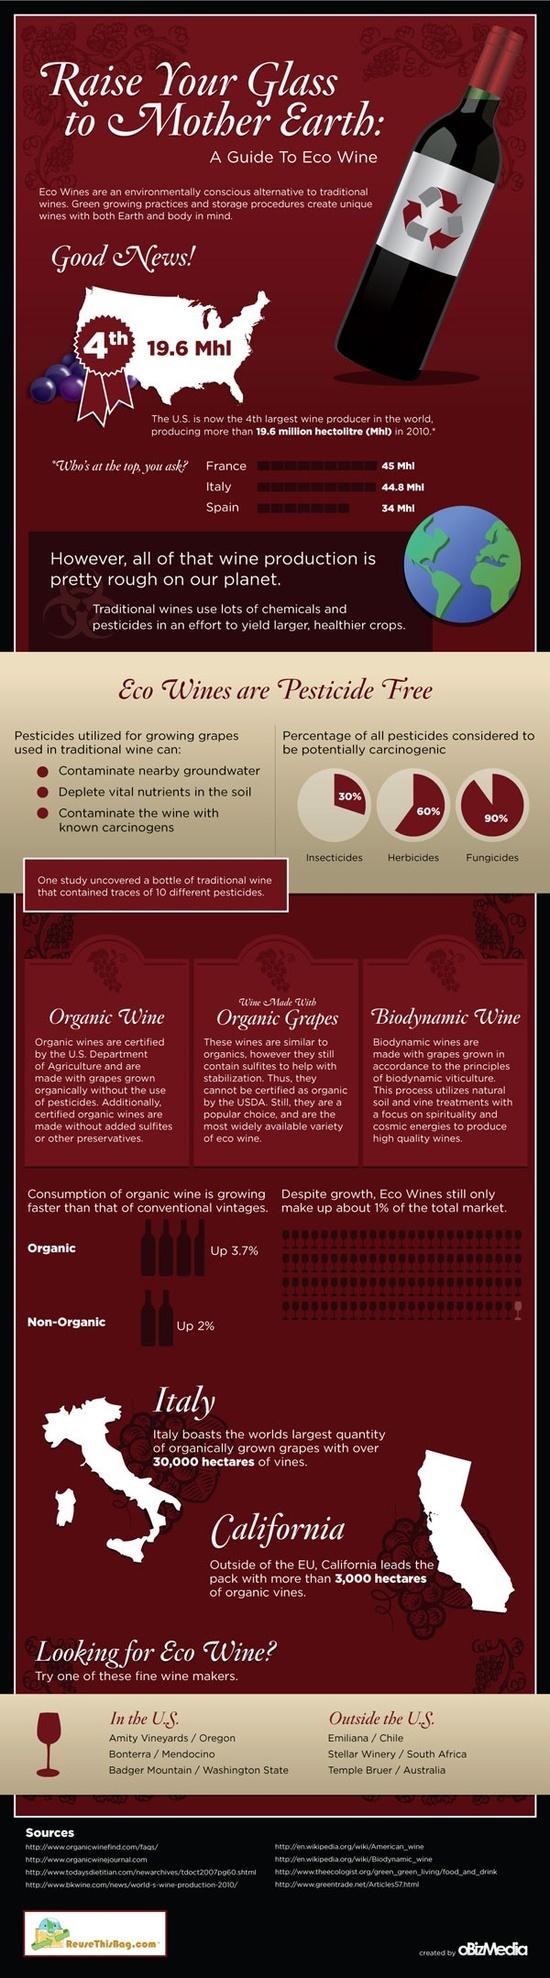 Proost Op Moeder Aarde Infographic Biologische Wijn Wijnbloggers Nl Wijngids Infographic Wijn